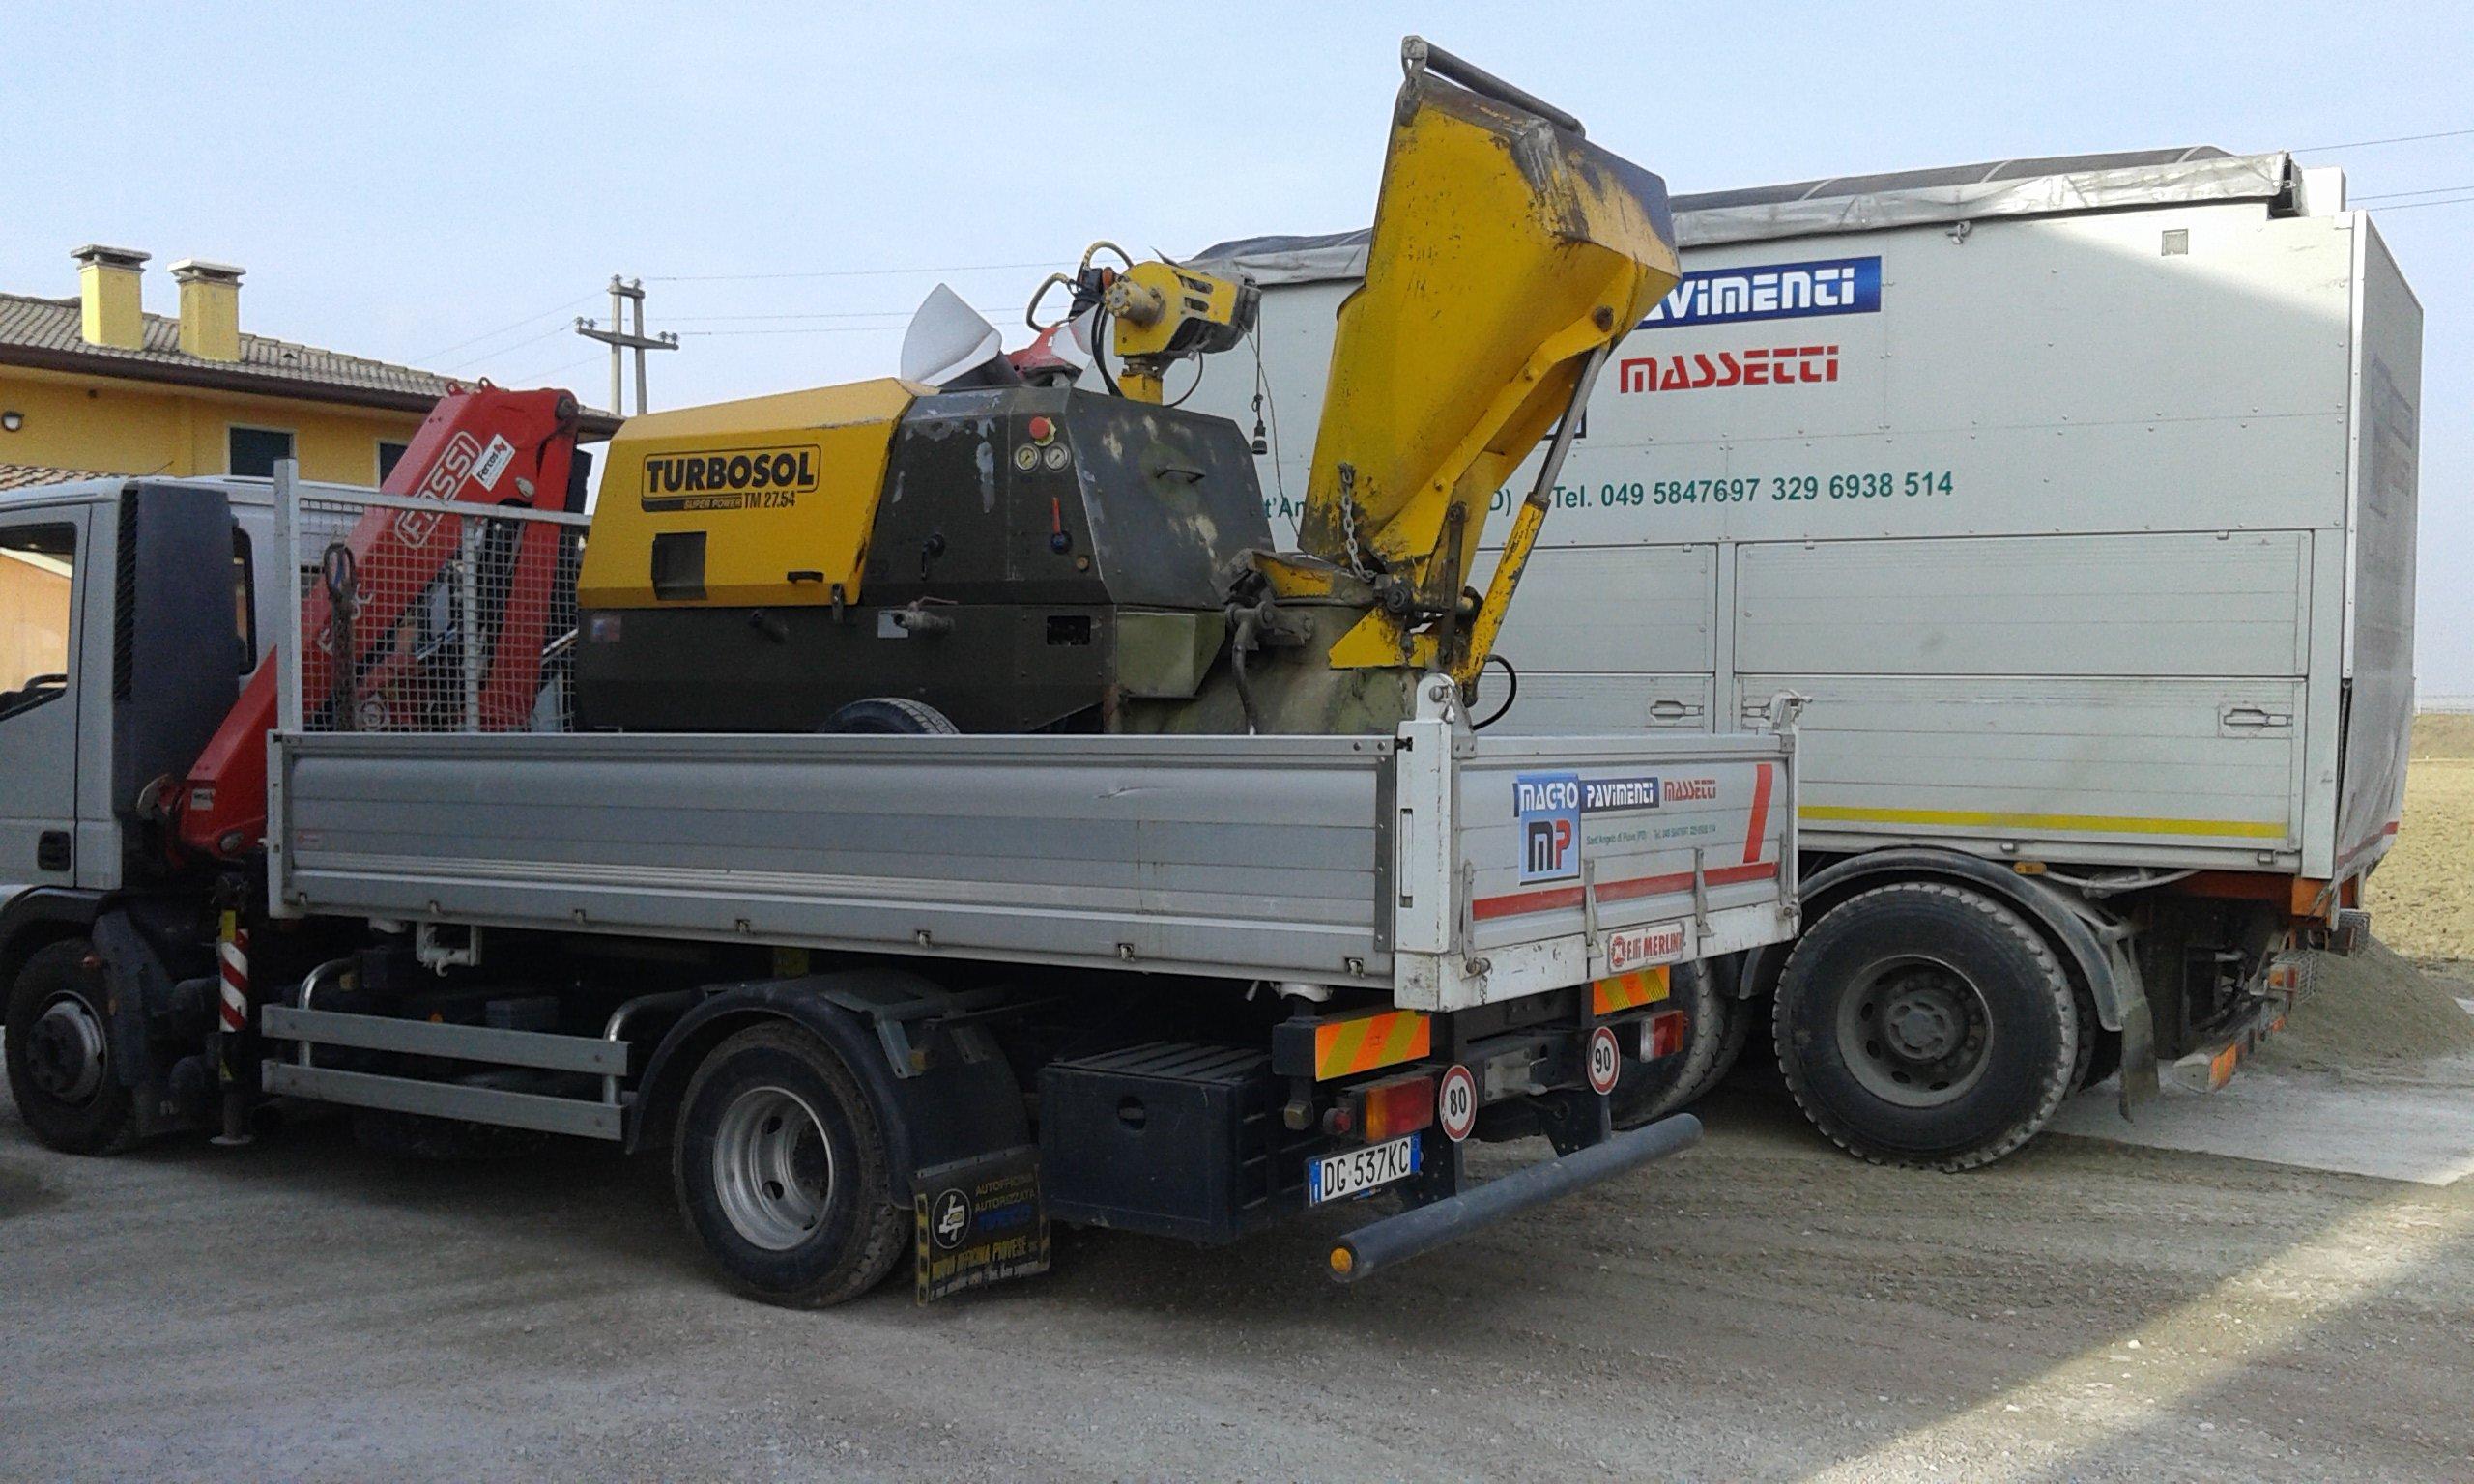 camion con rimorchio e macchinario